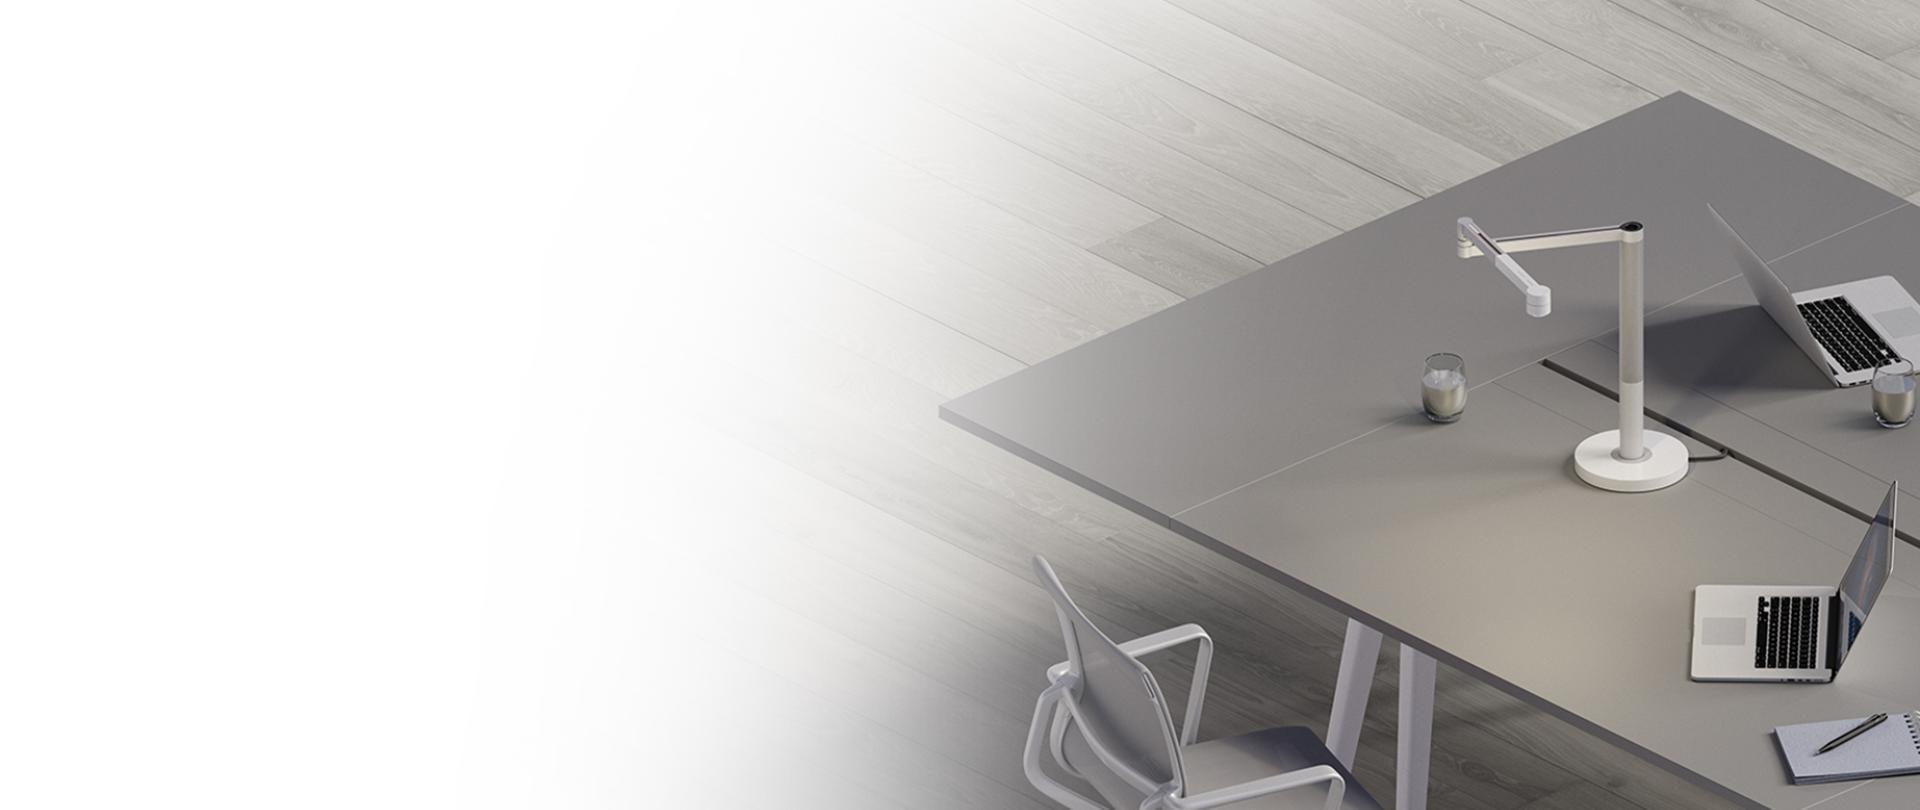 Dyson light sat on desk